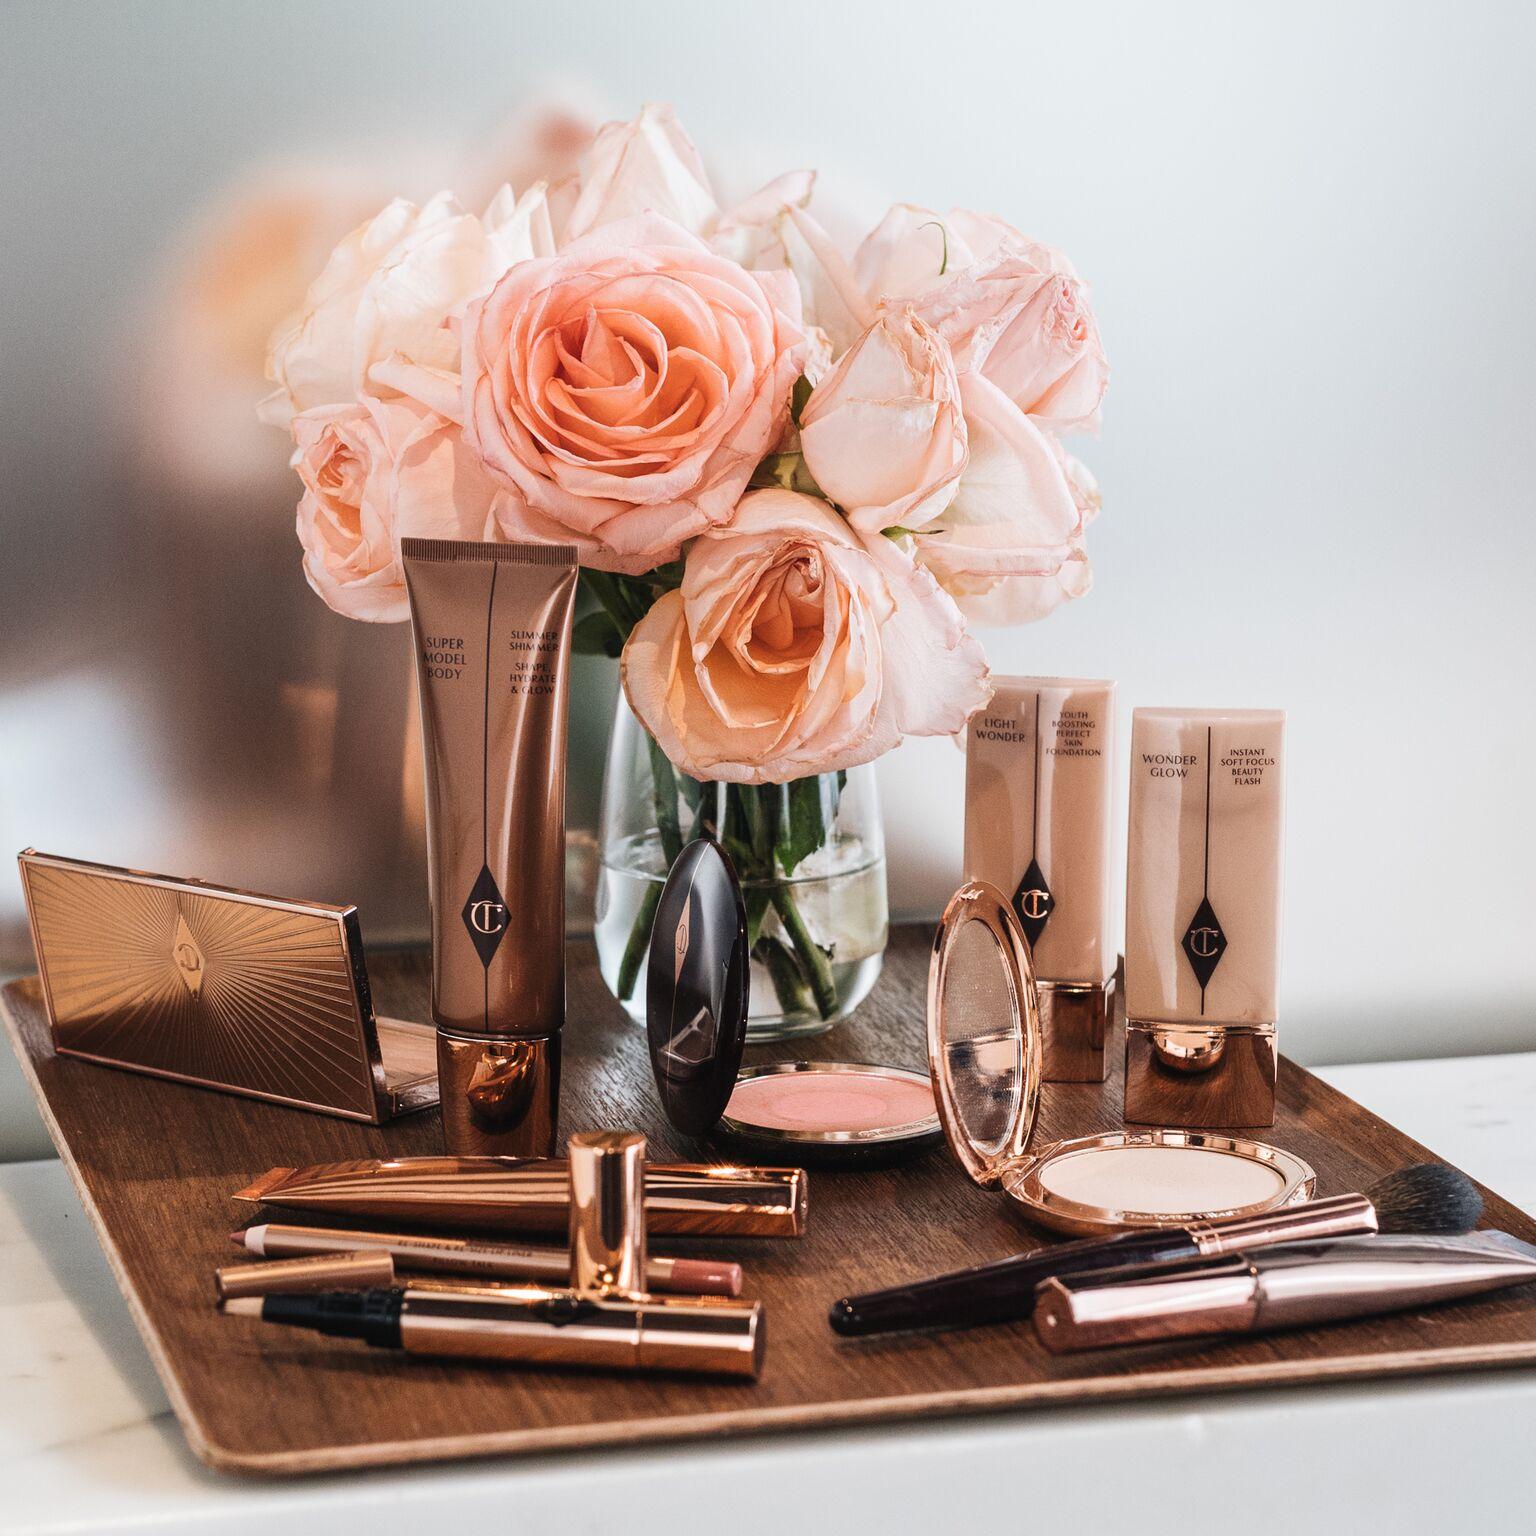 charlotte tilbury at holt renfrew best beauty product on mademoiselle jules blog